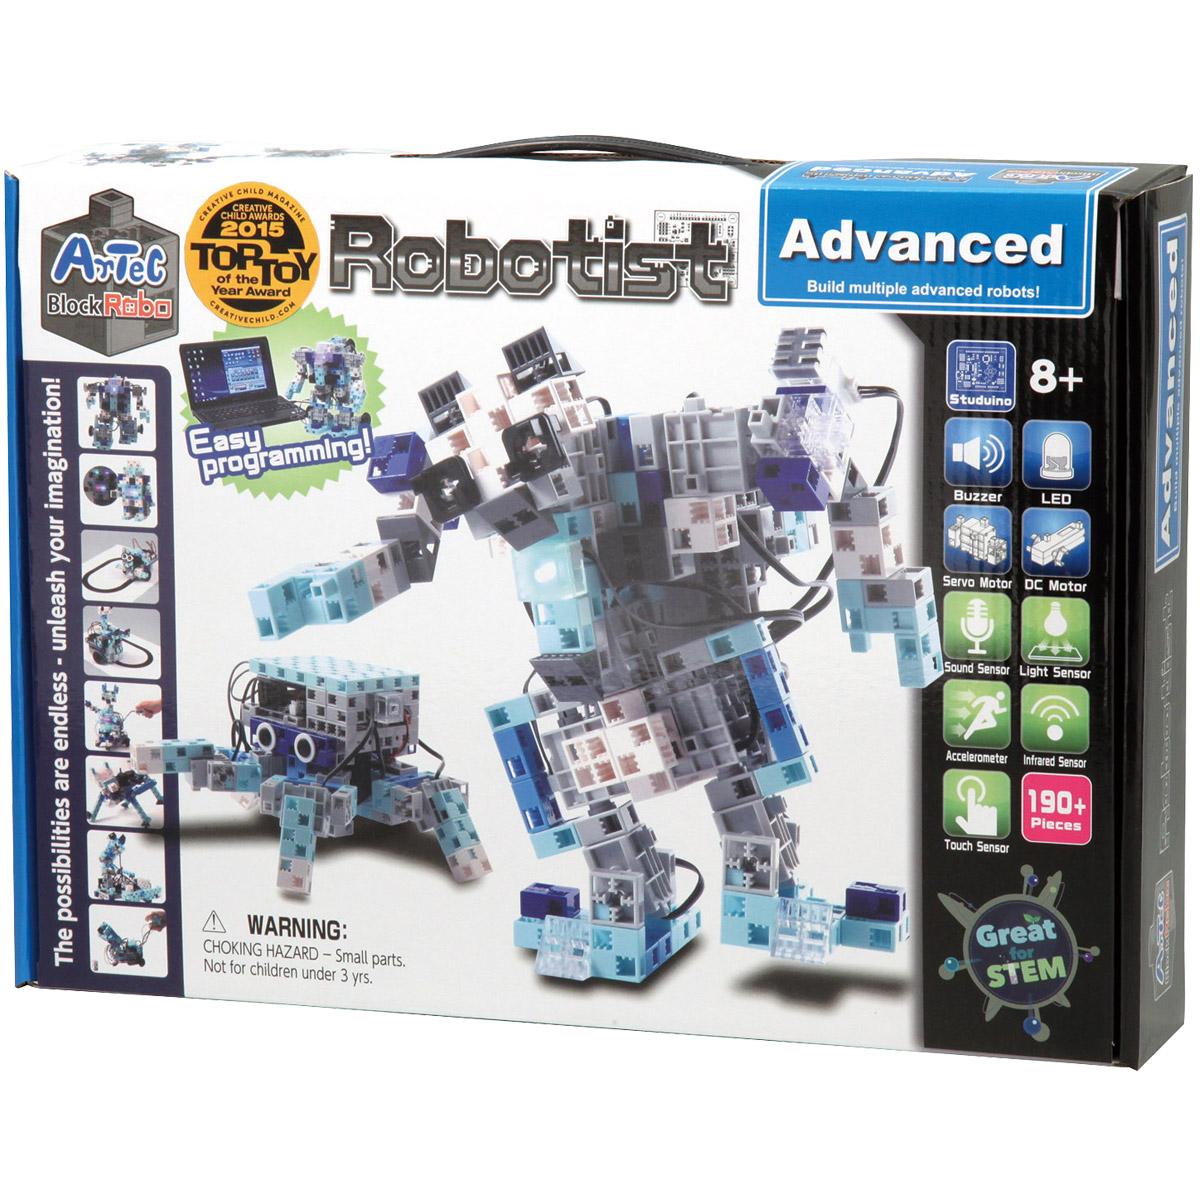 ブロック おもちゃ アーテックブロック ロボティスト アドバンス プログラミング 学習 日本製 ロボット Artec ブロック キッズ ジュニア パーツ 知育玩具 レゴ・レゴブロックのように自由に遊べます